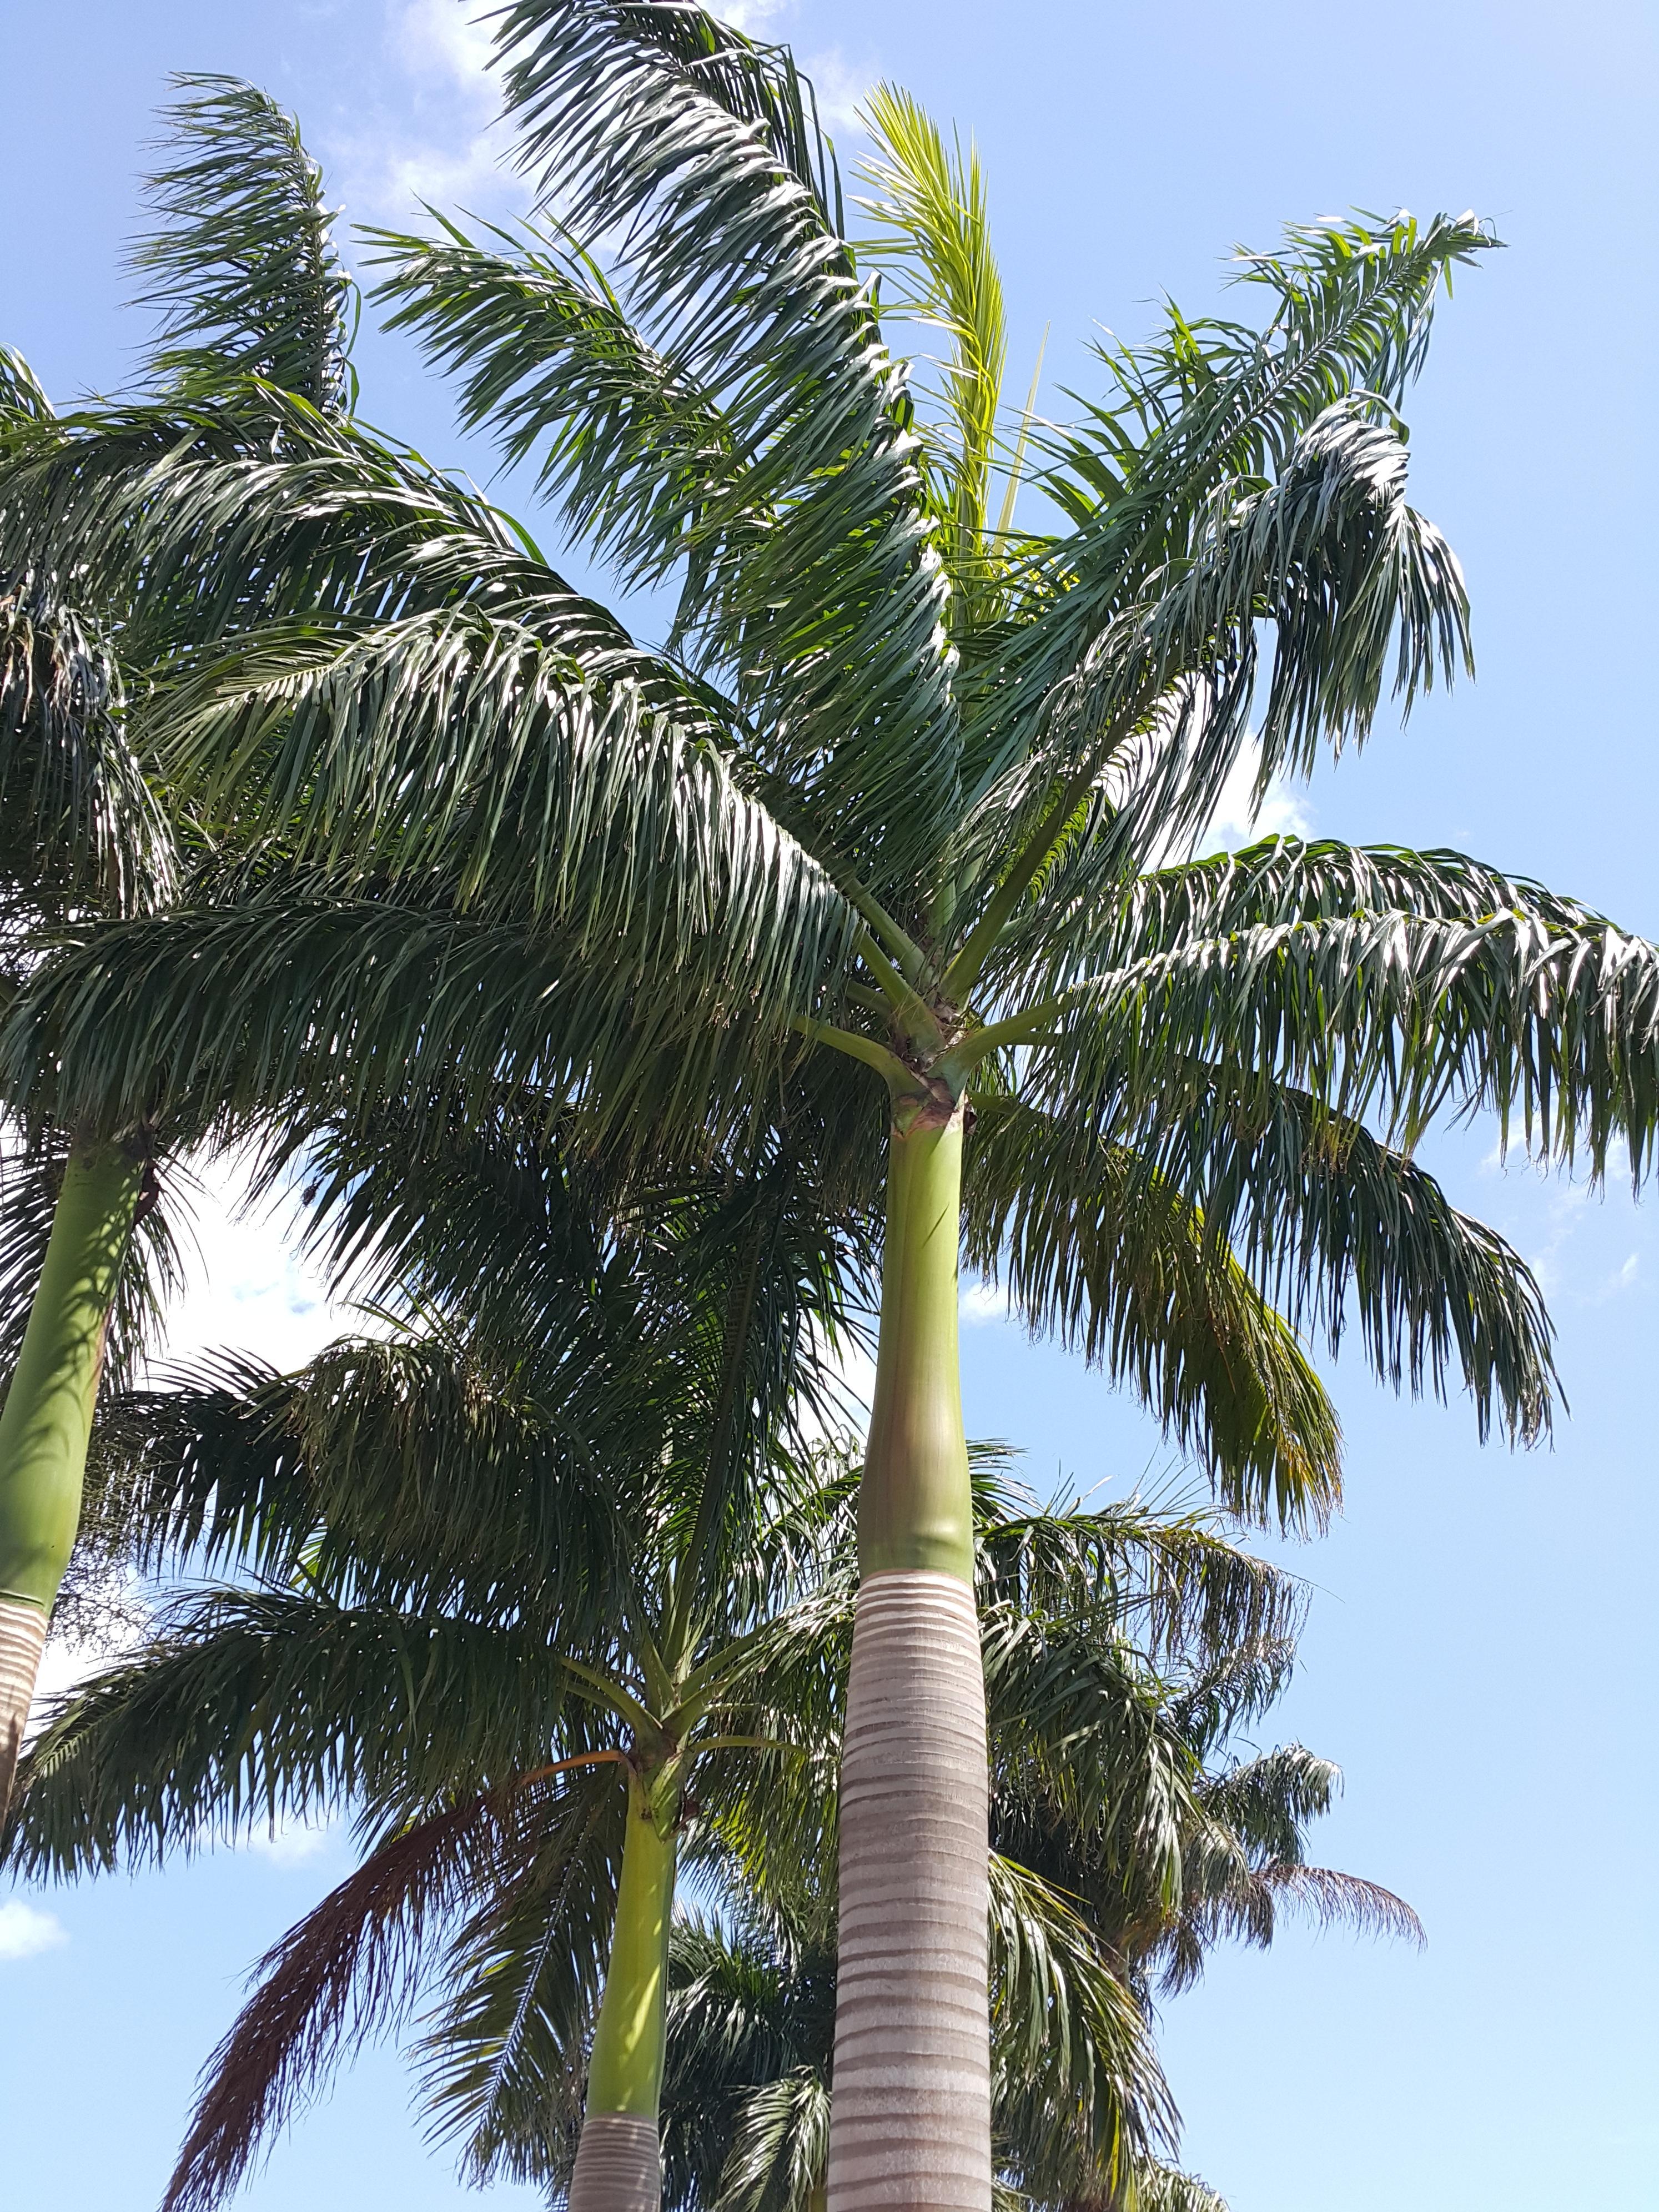 Images Gratuites Arbre Ciel Fleur Produire Tropical Botanique